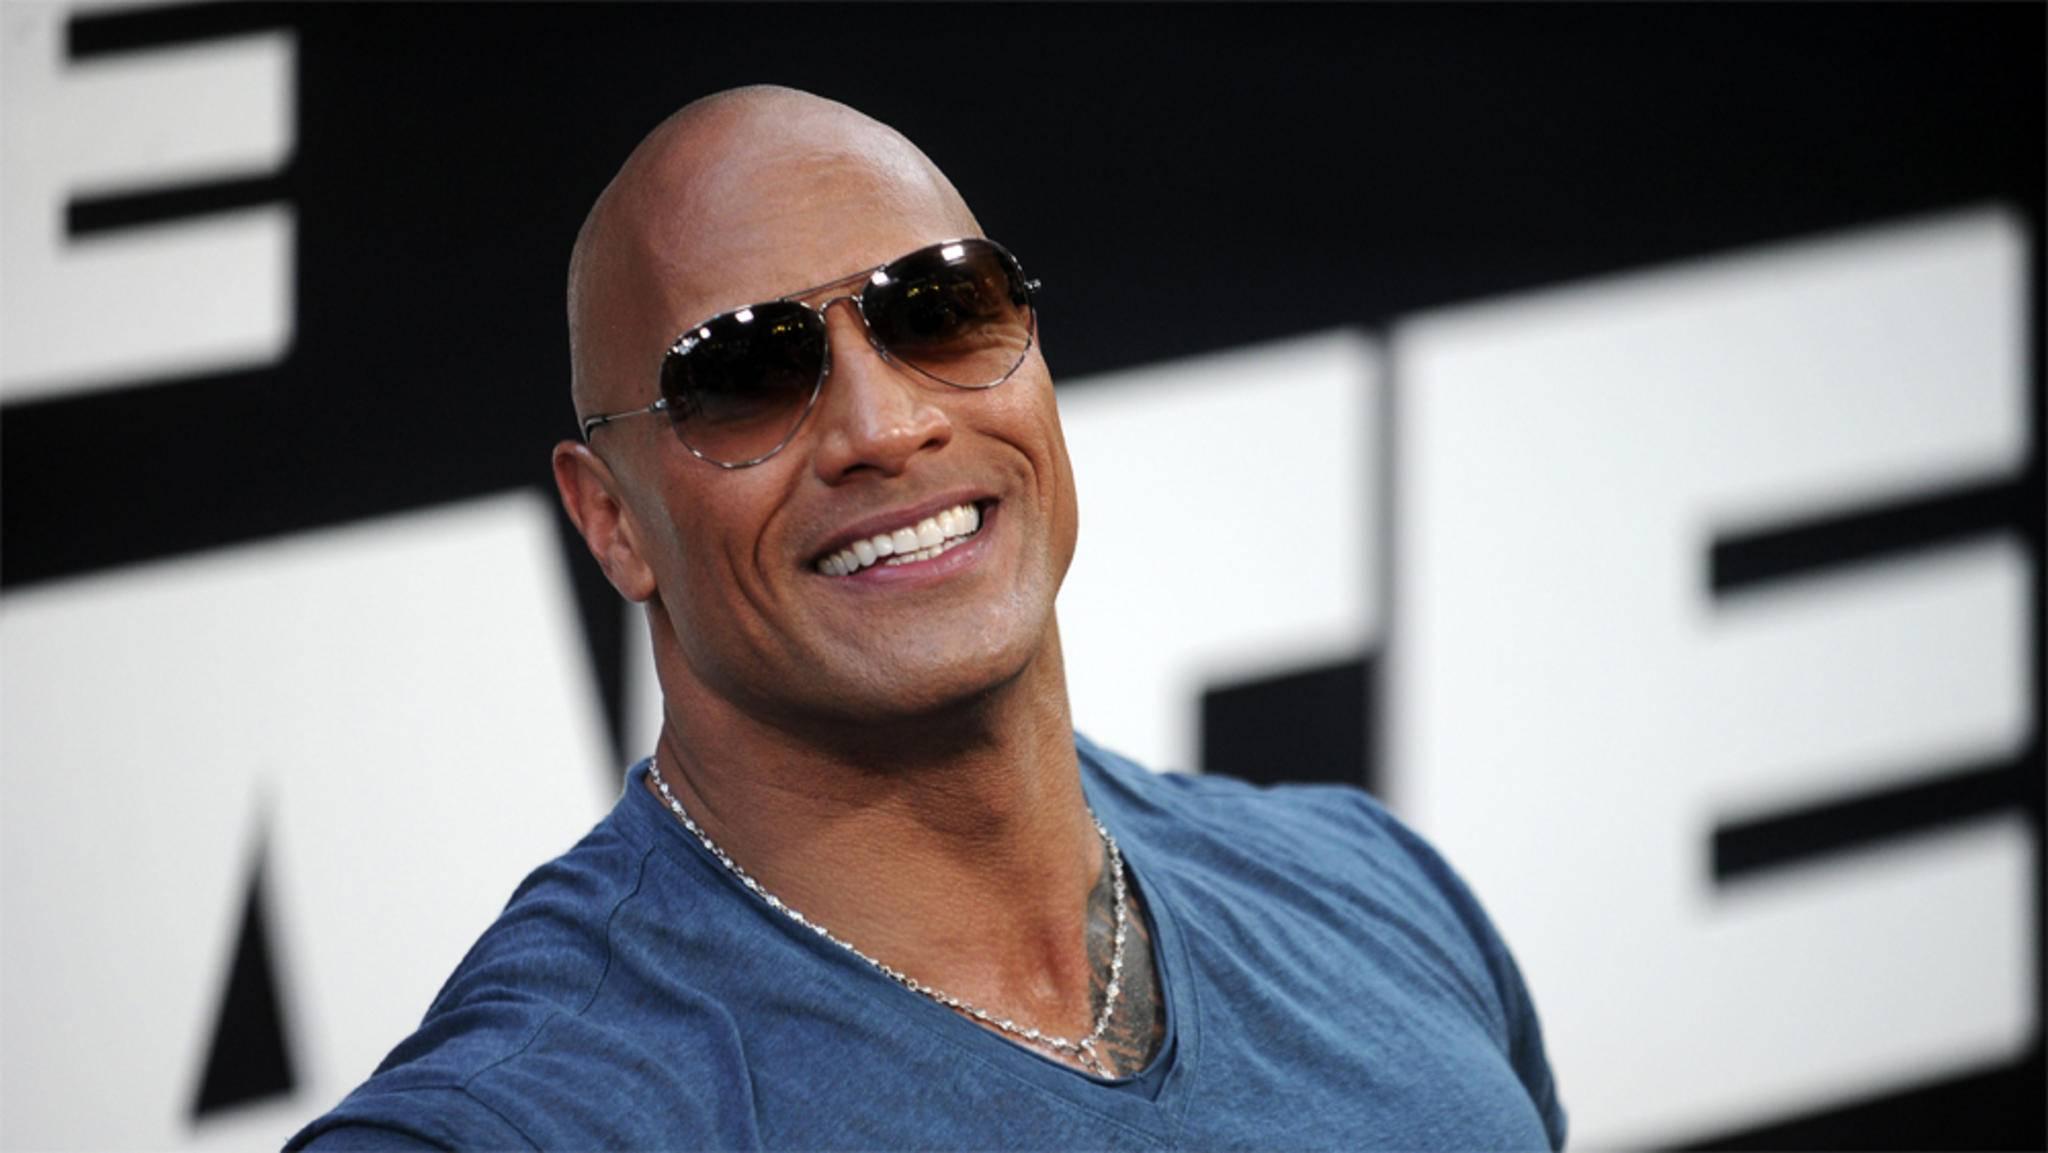 """Die Dollarzeichen in seinen Augen verbirgt Großverdiener Dwayne """"The Rock"""" Johnson geschickt hinter einer Sonnenbrille."""